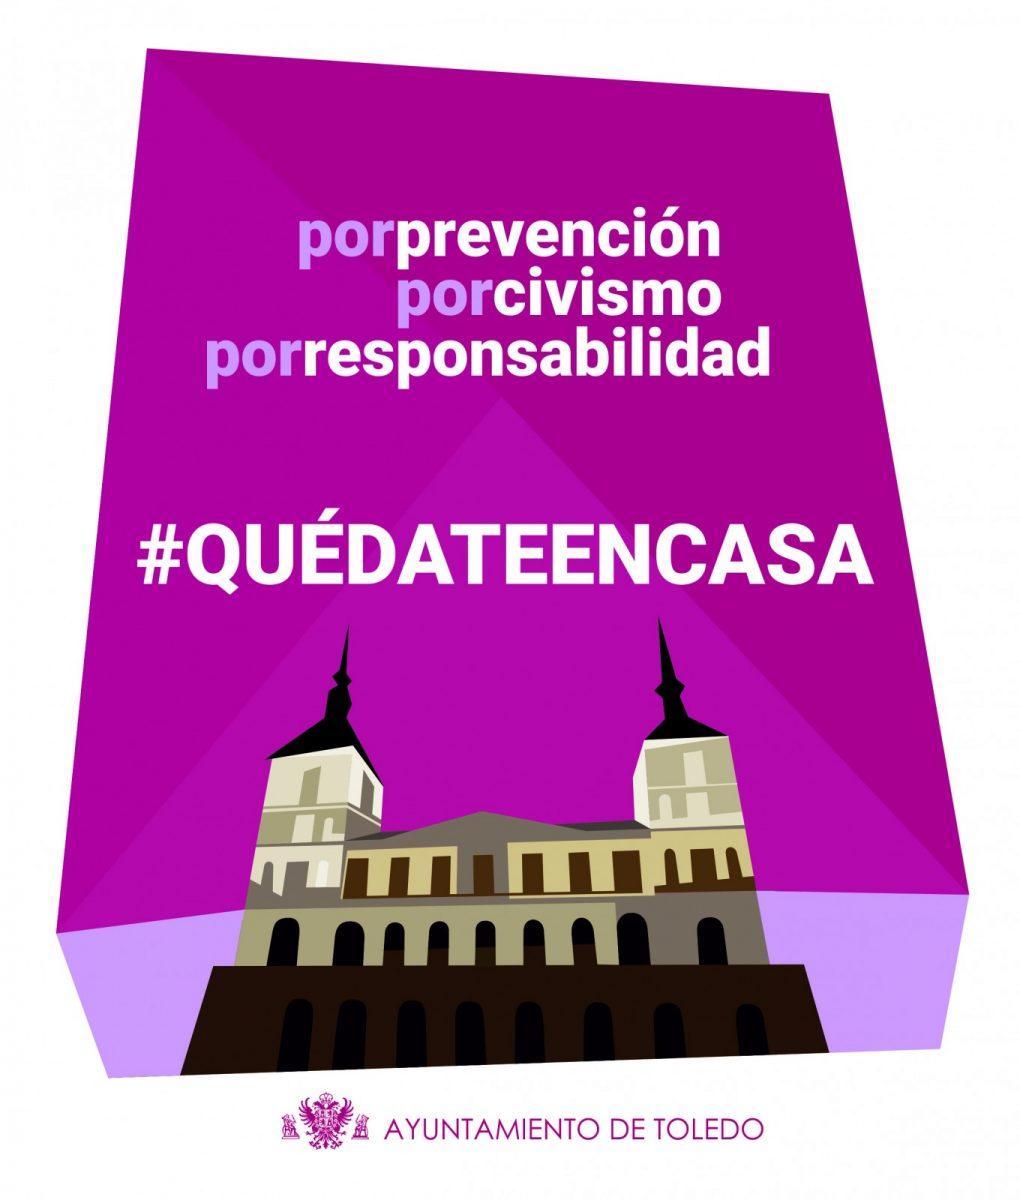 https://www.toledo.es/wp-content/uploads/2020/03/ayto10rectan-1020x1200.jpg. El Gobierno local informará a la Junta de Portavoces del desarrollo de las medidas tomadas para hacer frente a la crisis del covid-19